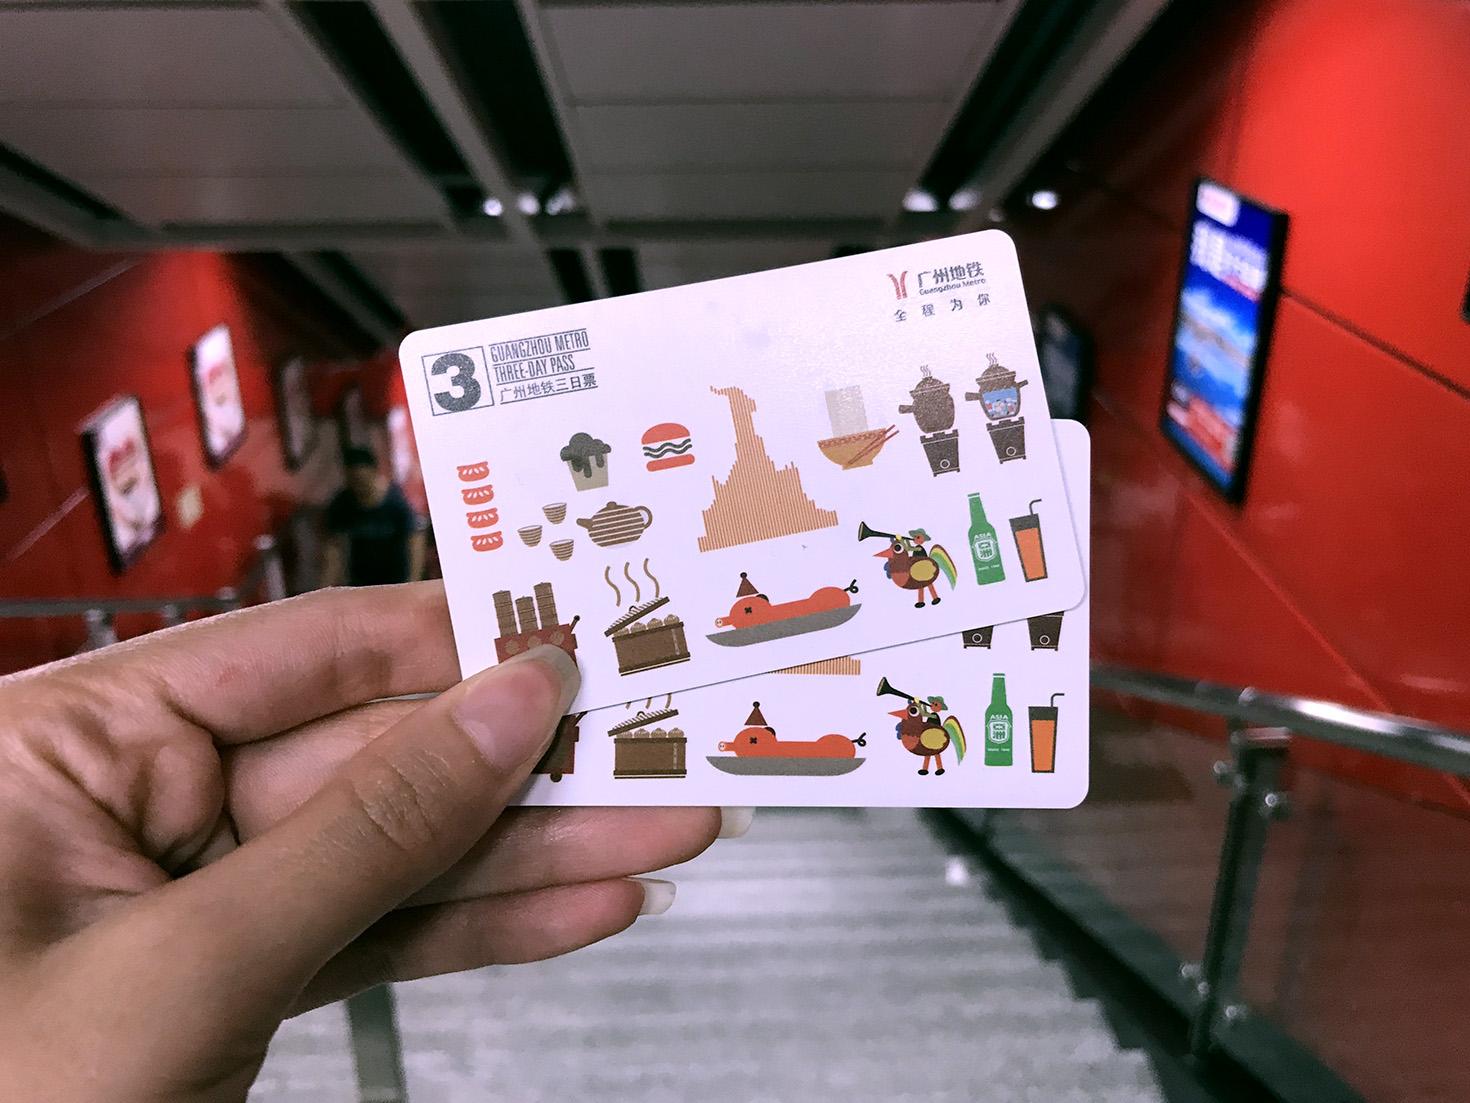 Guangzhou Metro Day Pass